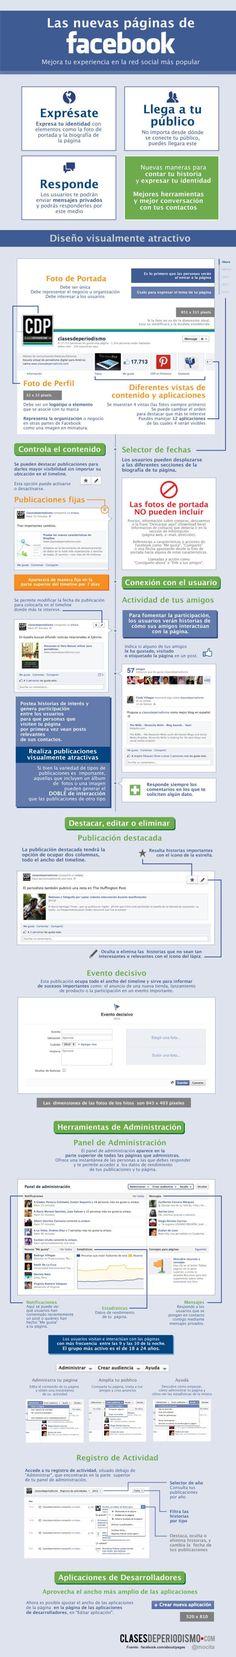 Infografía sobre las nuevas páginas de Facebook